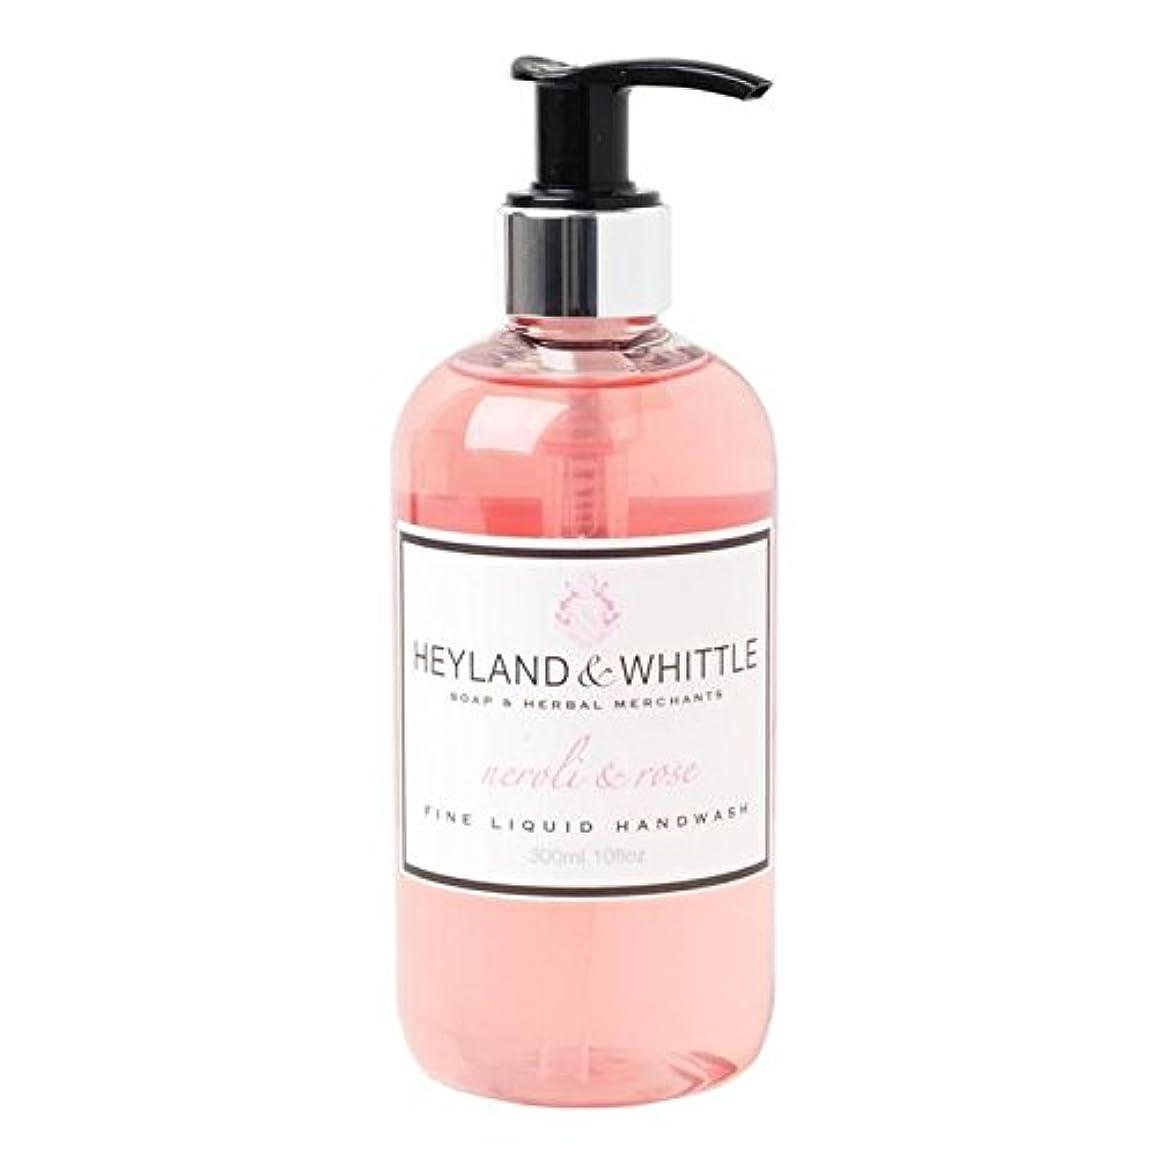 タッチ宿題手伝う&削るネロリ&手洗いの300ミリリットルをバラ x4 - Heyland & Whittle Neroli & Rose Handwash 300ml (Pack of 4) [並行輸入品]